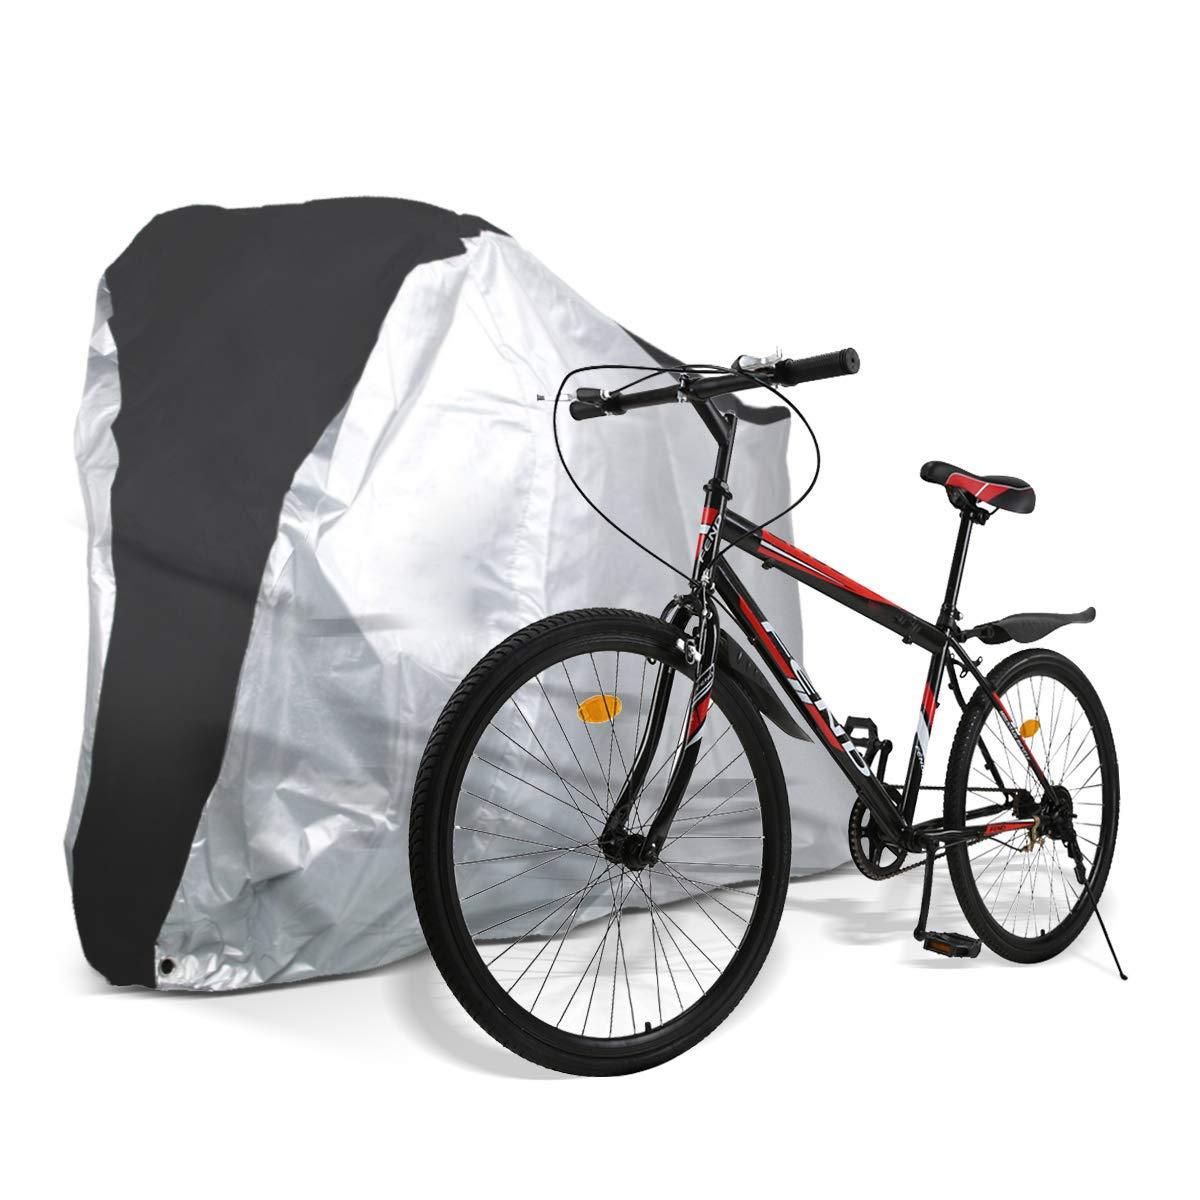 Universal Waterproof Bicycle Bike Cover Outdoor Indoor Garage Storage Protector